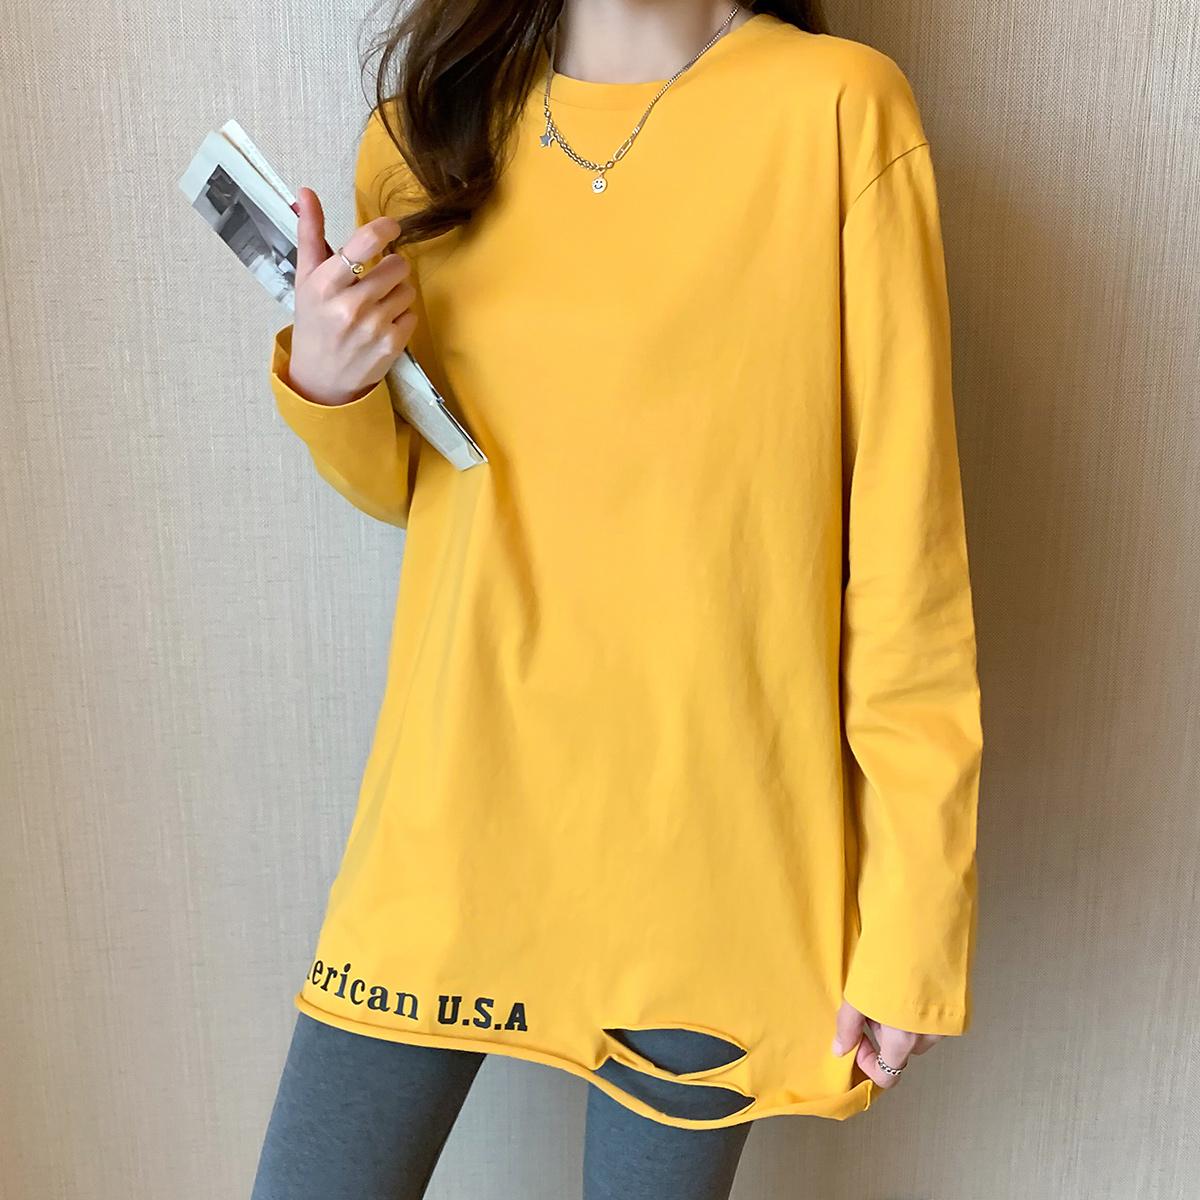 实拍纯色长袖t恤女秋季2021新款韩版小众宽松纯棉打底衫上衣3671